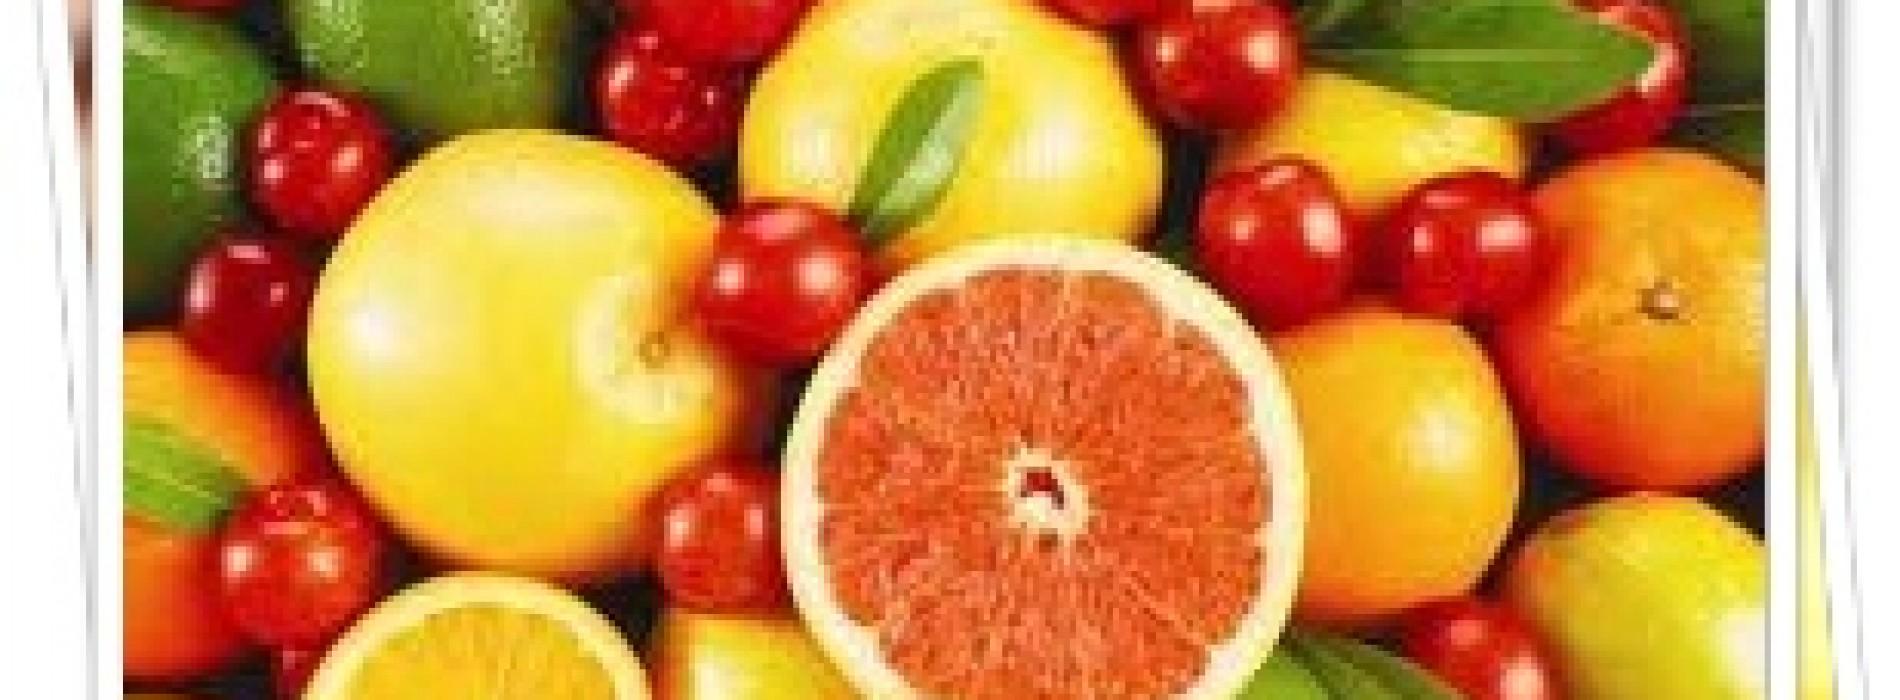 เวลาดีๆ  สำหรับผลไม้